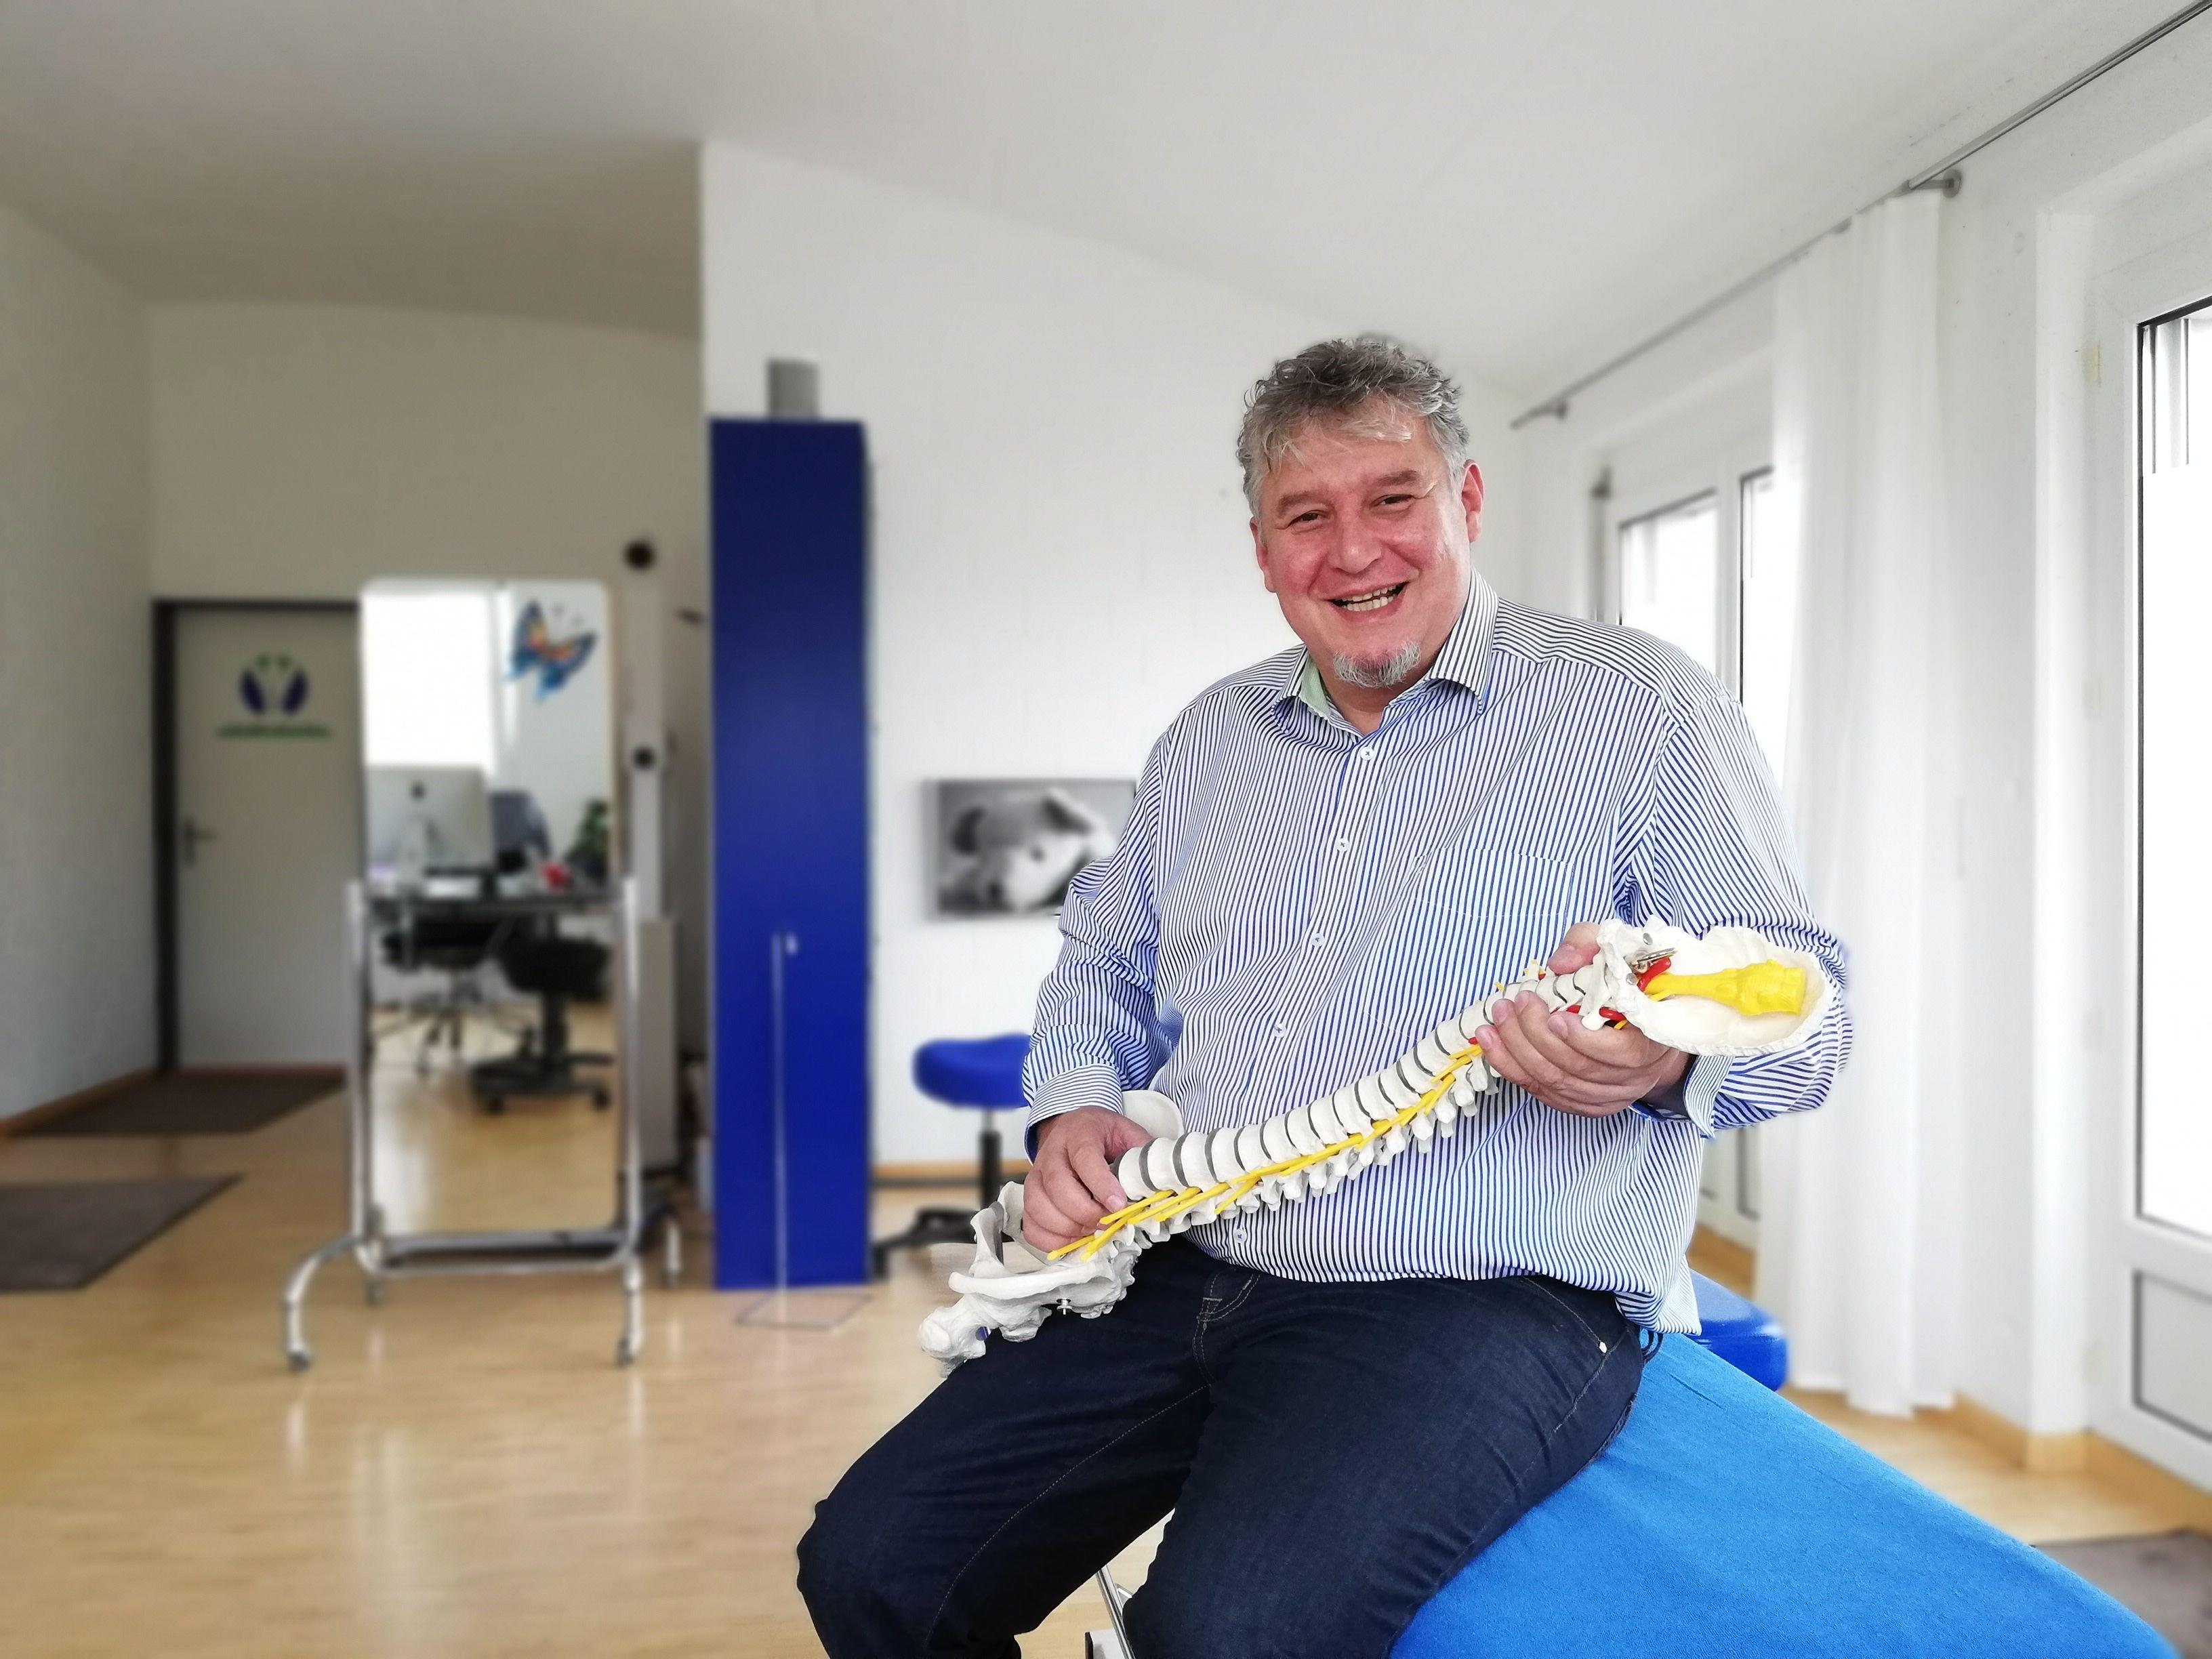 Holger Schmidt - Osteopathie - Über mich und mein beruflicher Werdegang